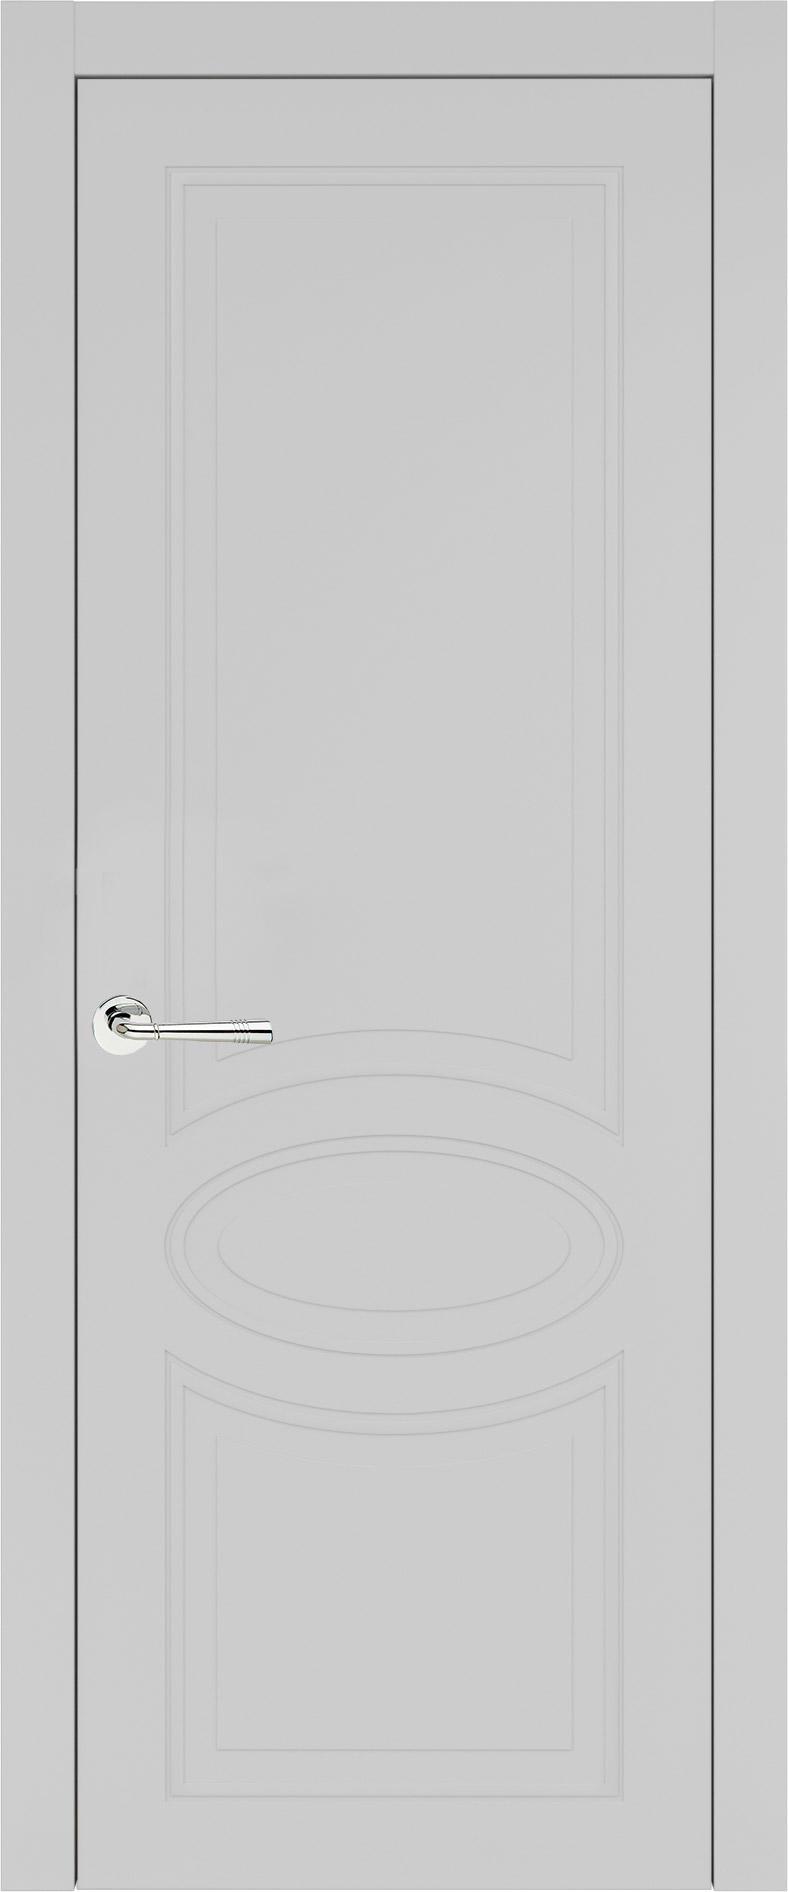 Florencia Neo Classic цвет - Серая эмаль (RAL 7047) Без стекла (ДГ)